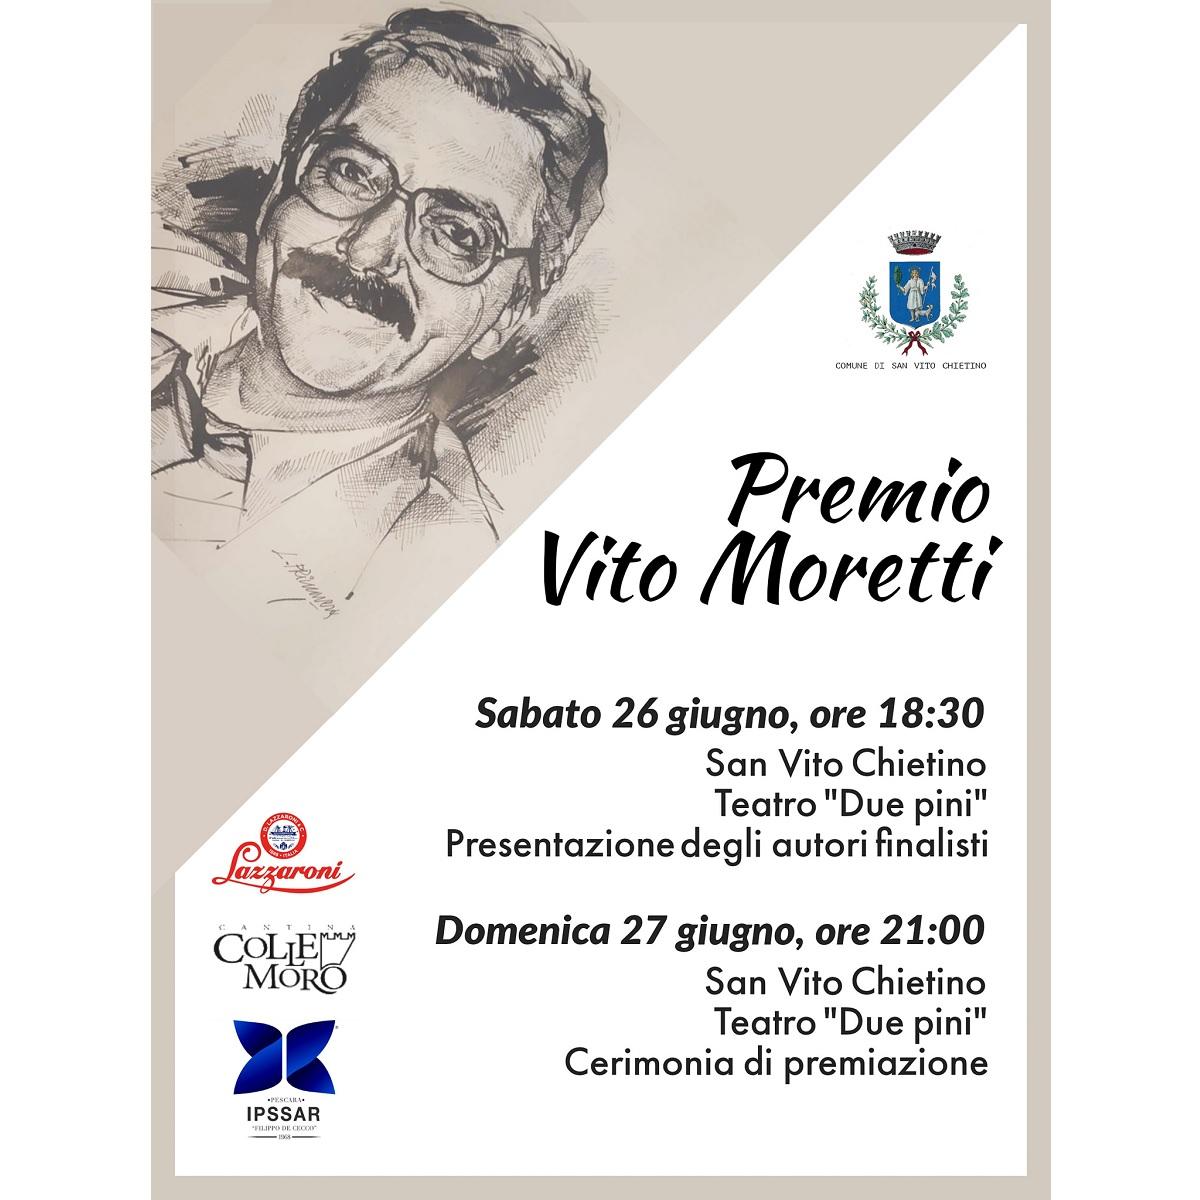 Premio Vito Moretti a San Vito Chietino 26 e 17 giugno 2021 foto